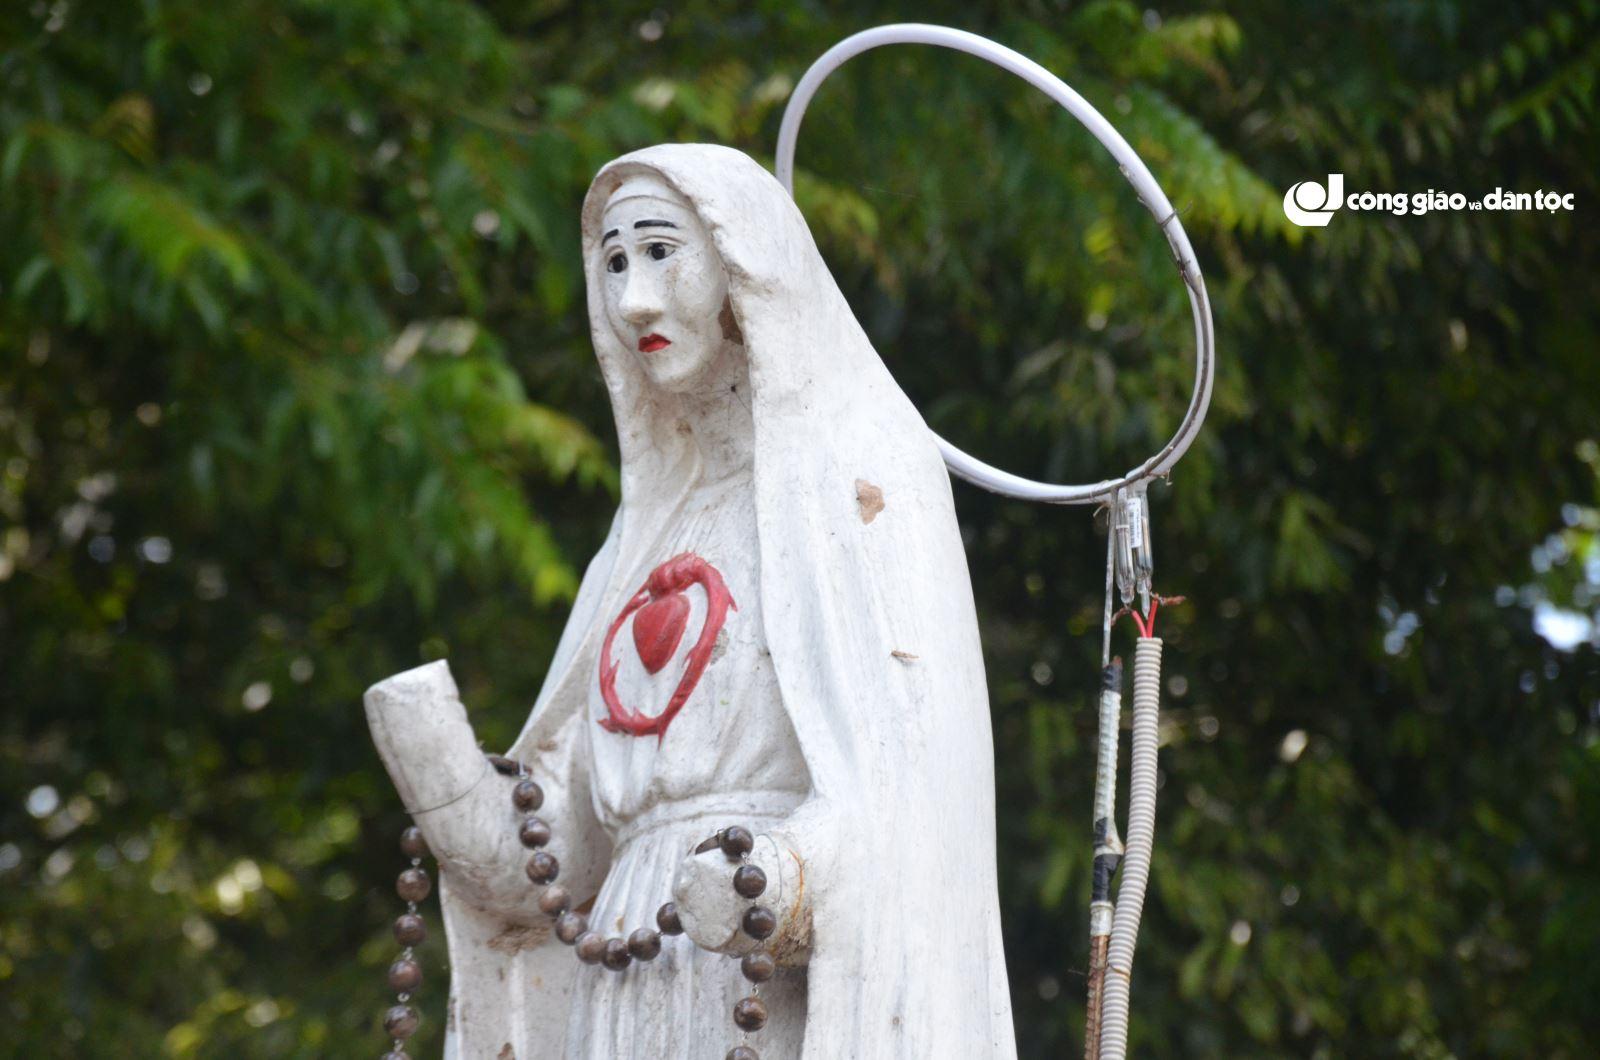 Chương trình Đại Lễ Kính Đức Mẹ Sầu Bi Măng Đen 08 – 09/12/2017